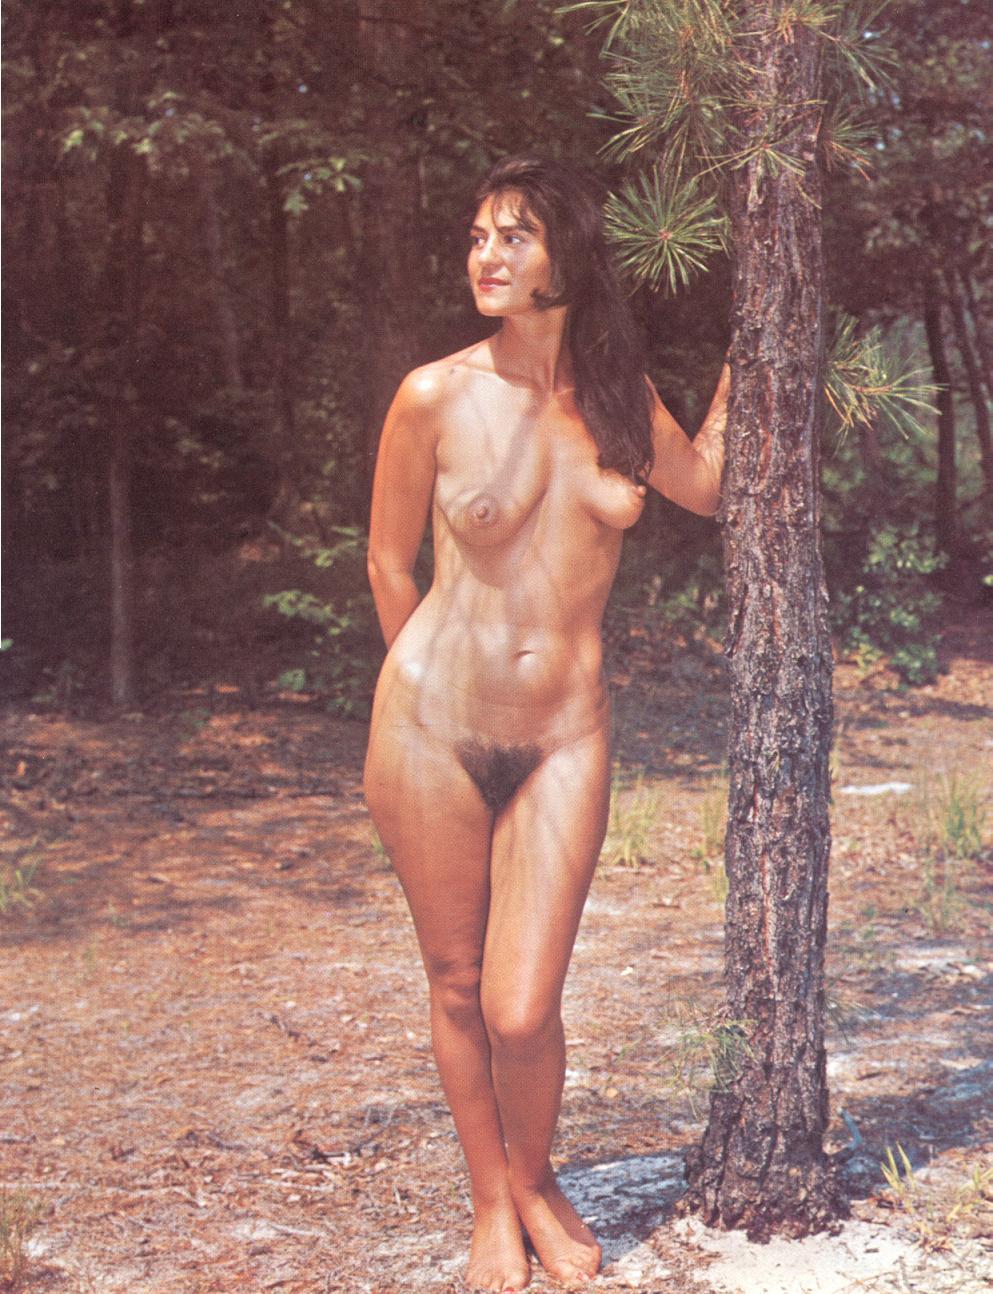 Aubrey o day nude playboy